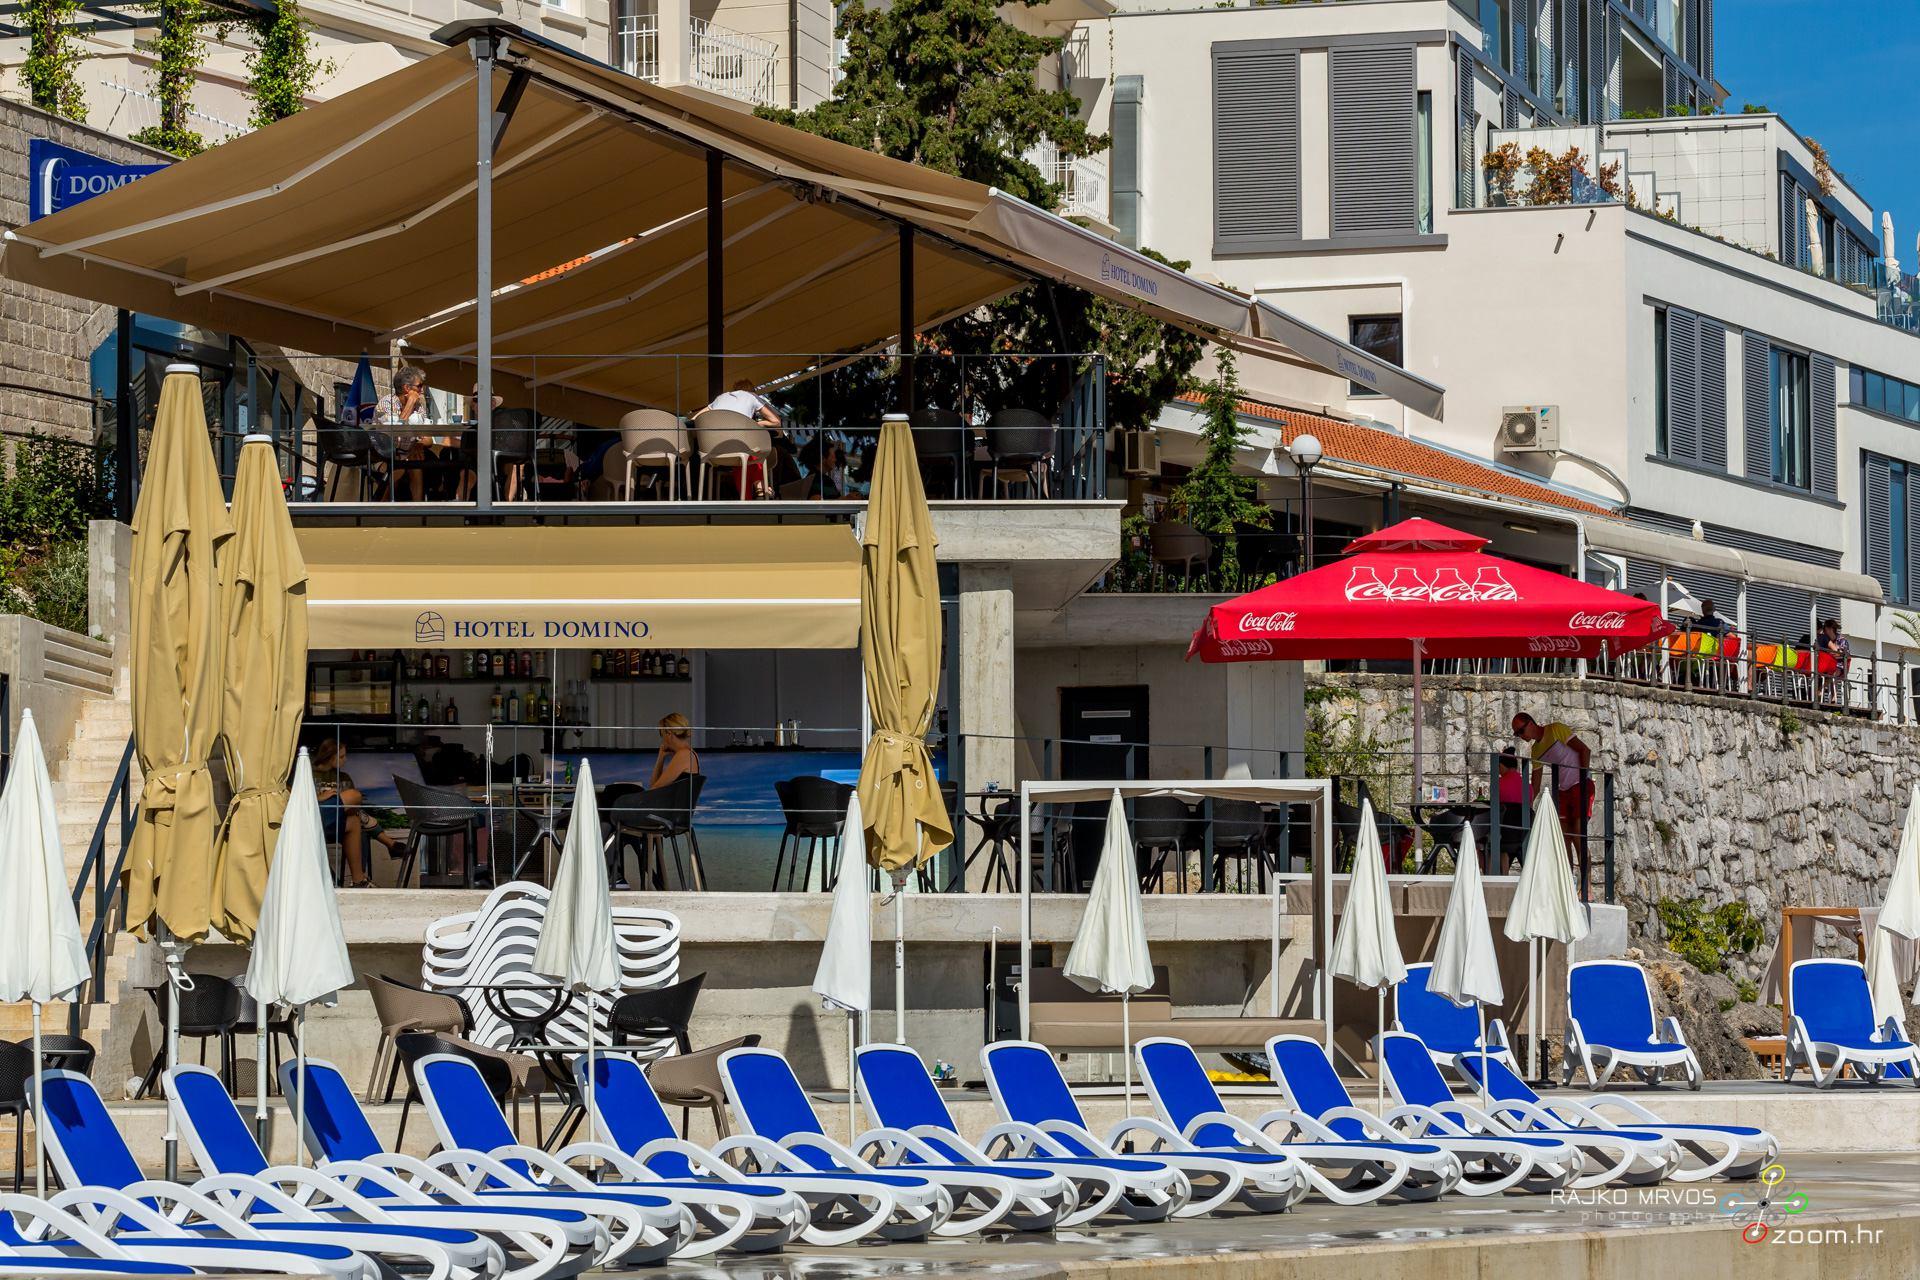 profesionalno-fotografiranje-hotela-fotograf-hotela-Hotel-Domino-Opatija-33